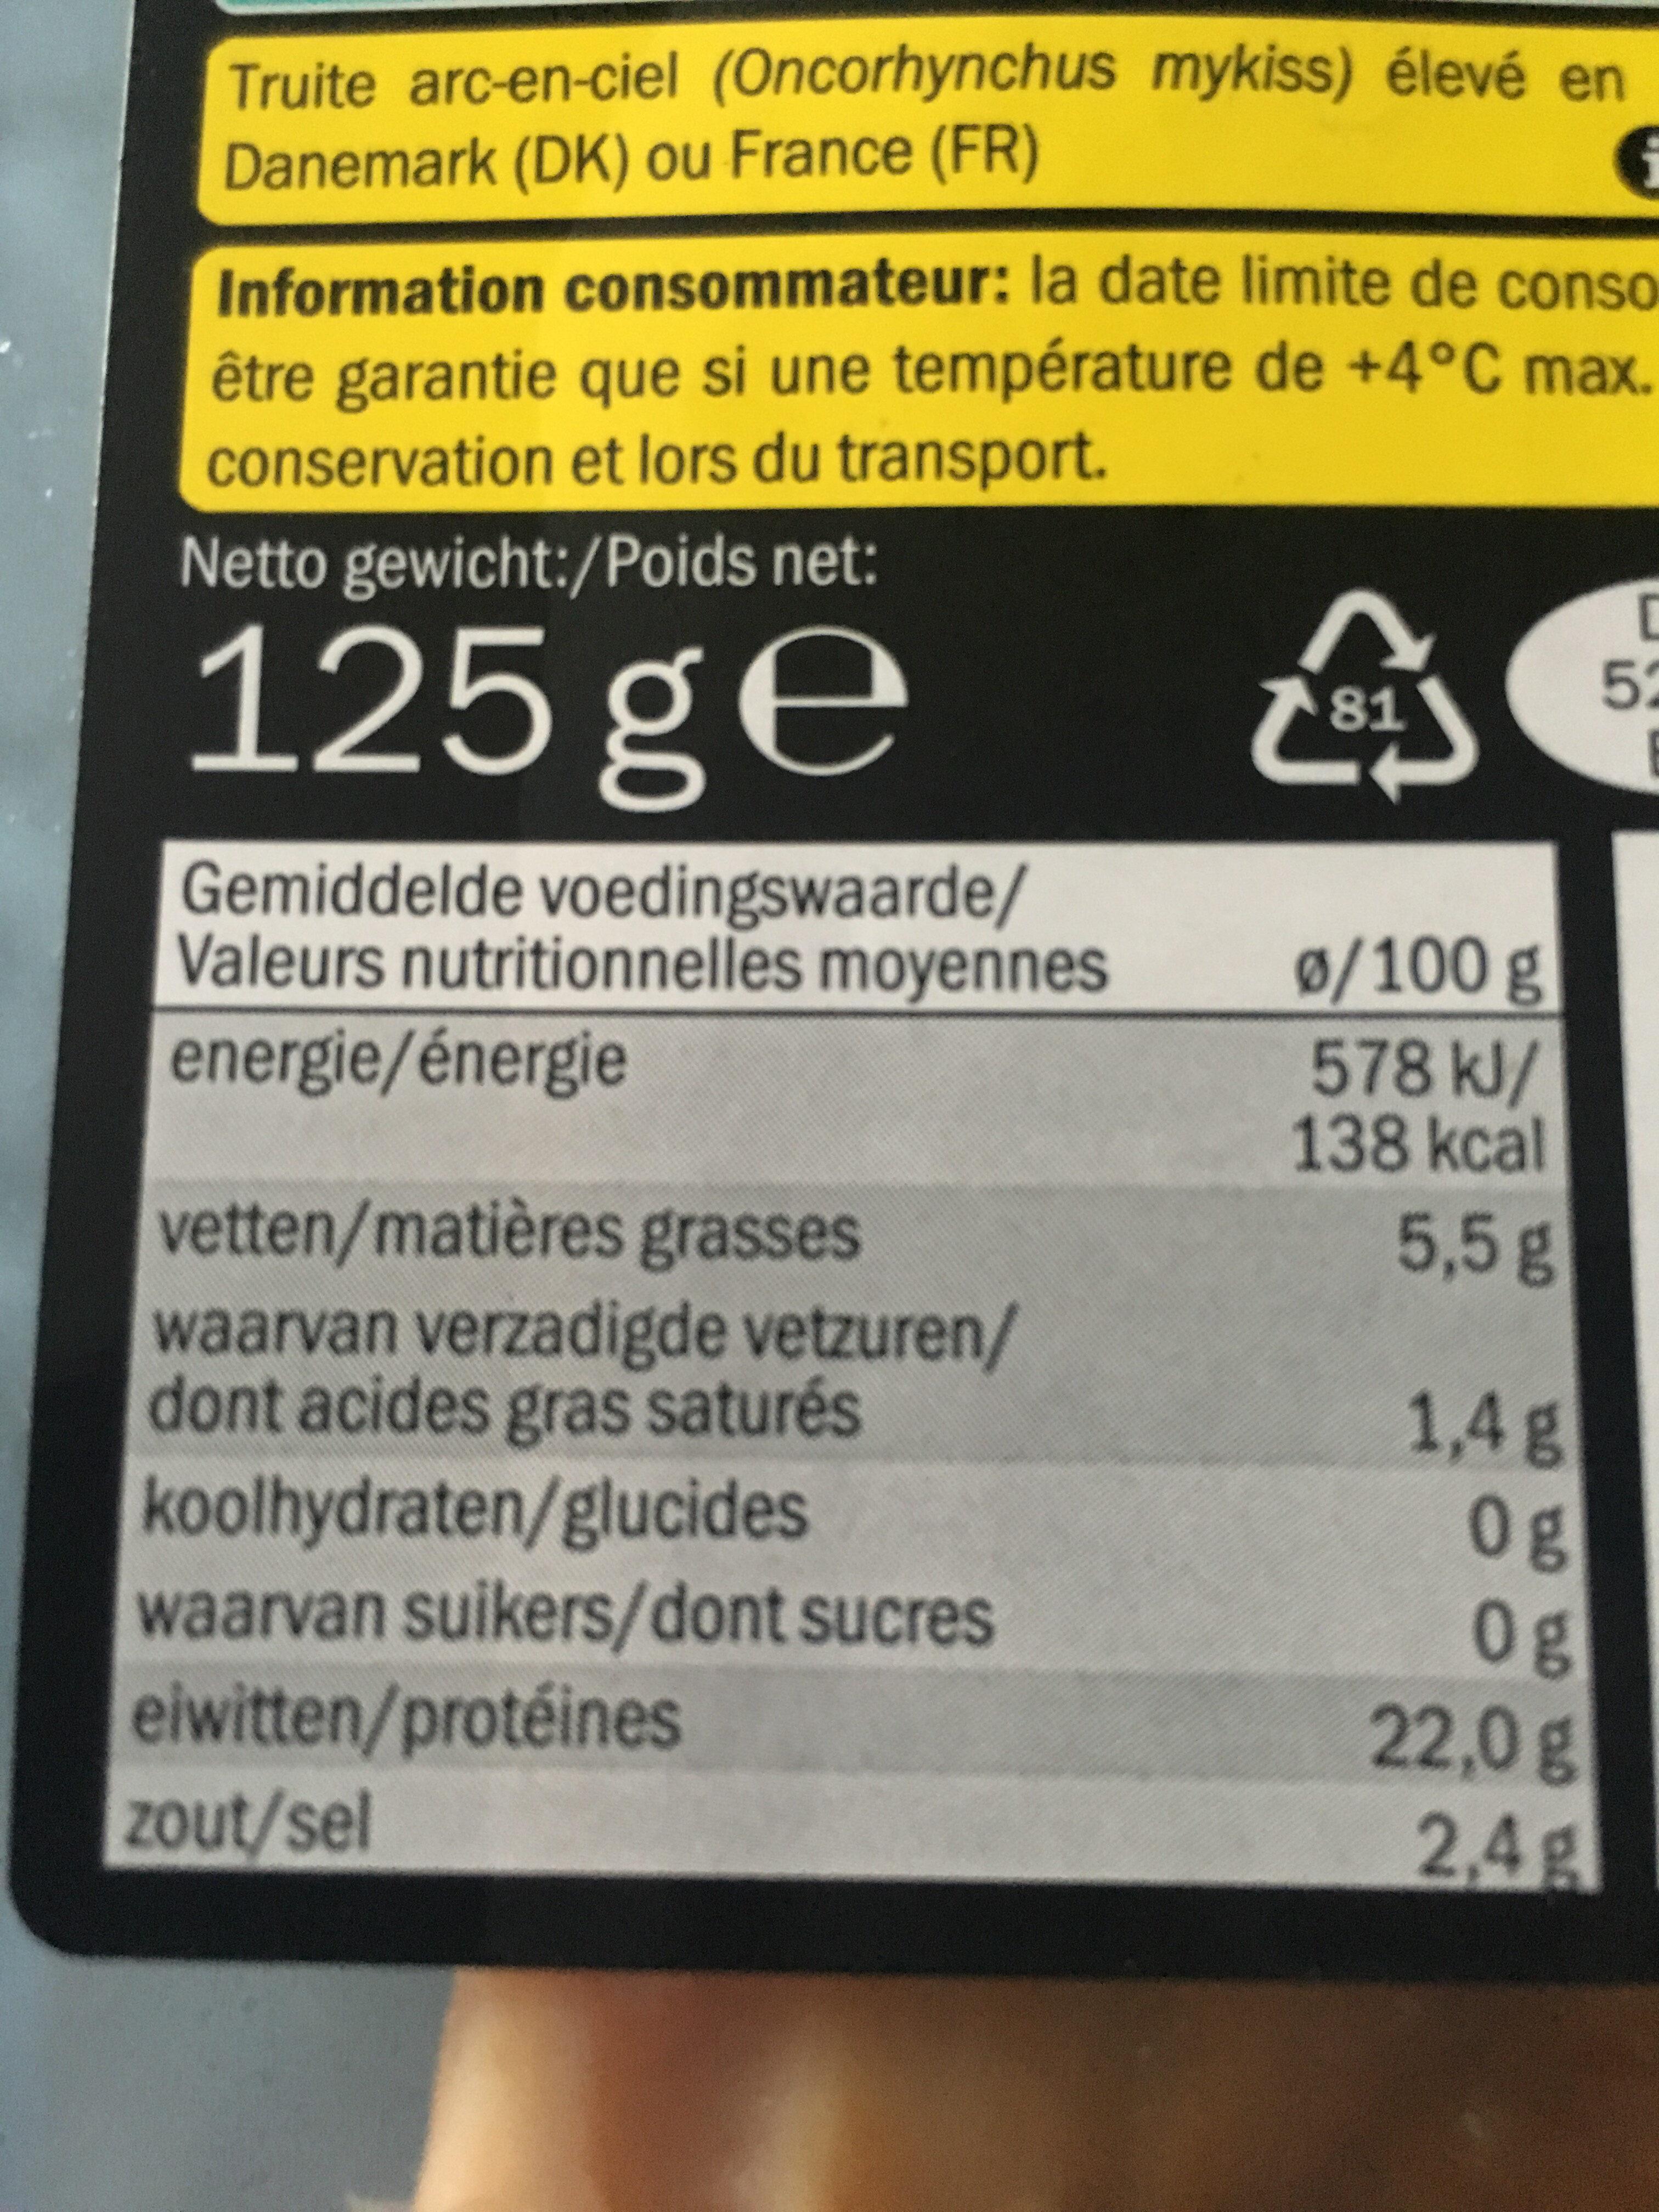 filet de truite - Nutrition facts